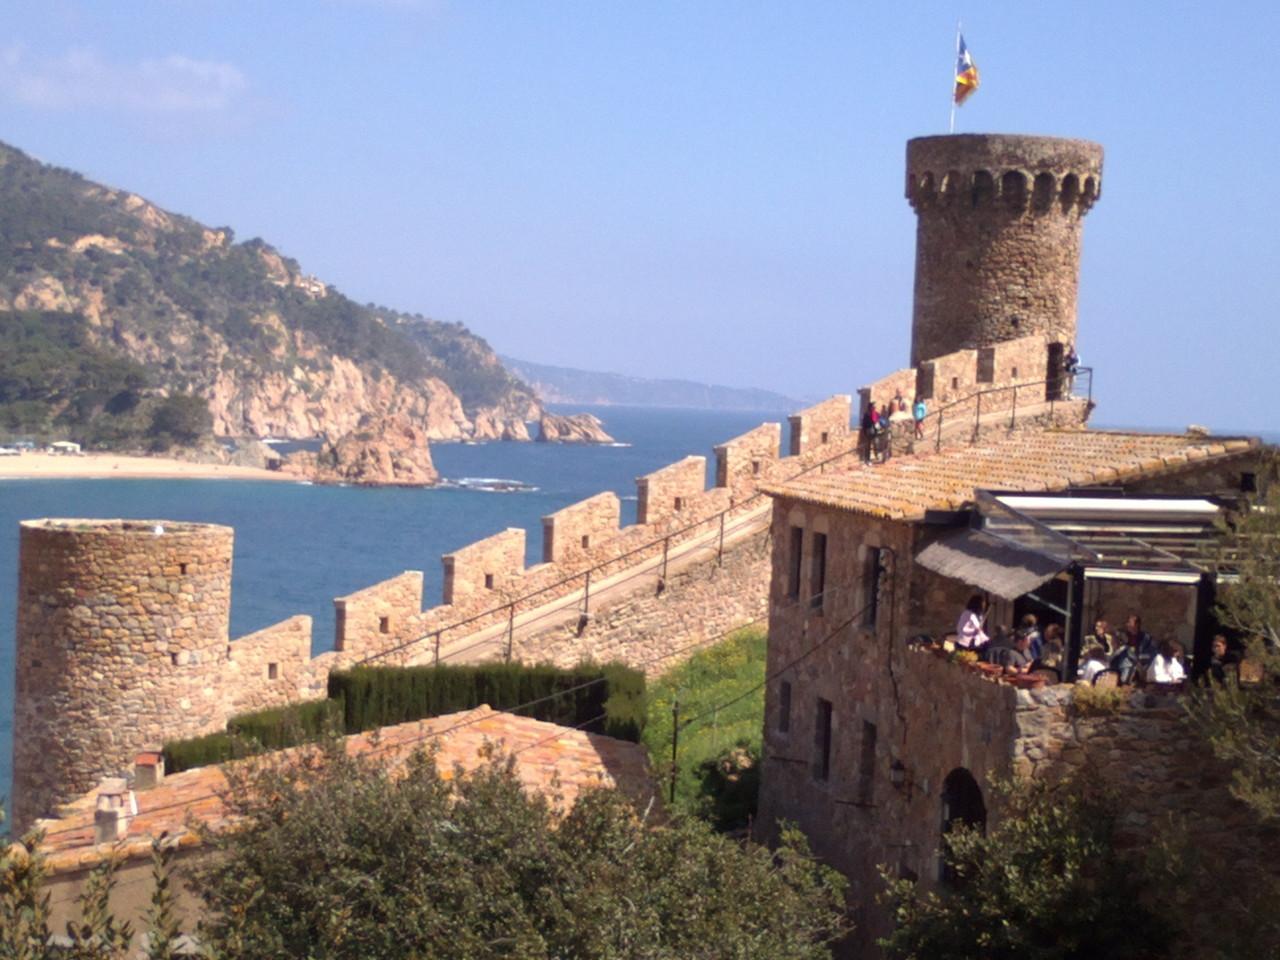 Preciosa vistas desde el castillo de Tossa de Mar